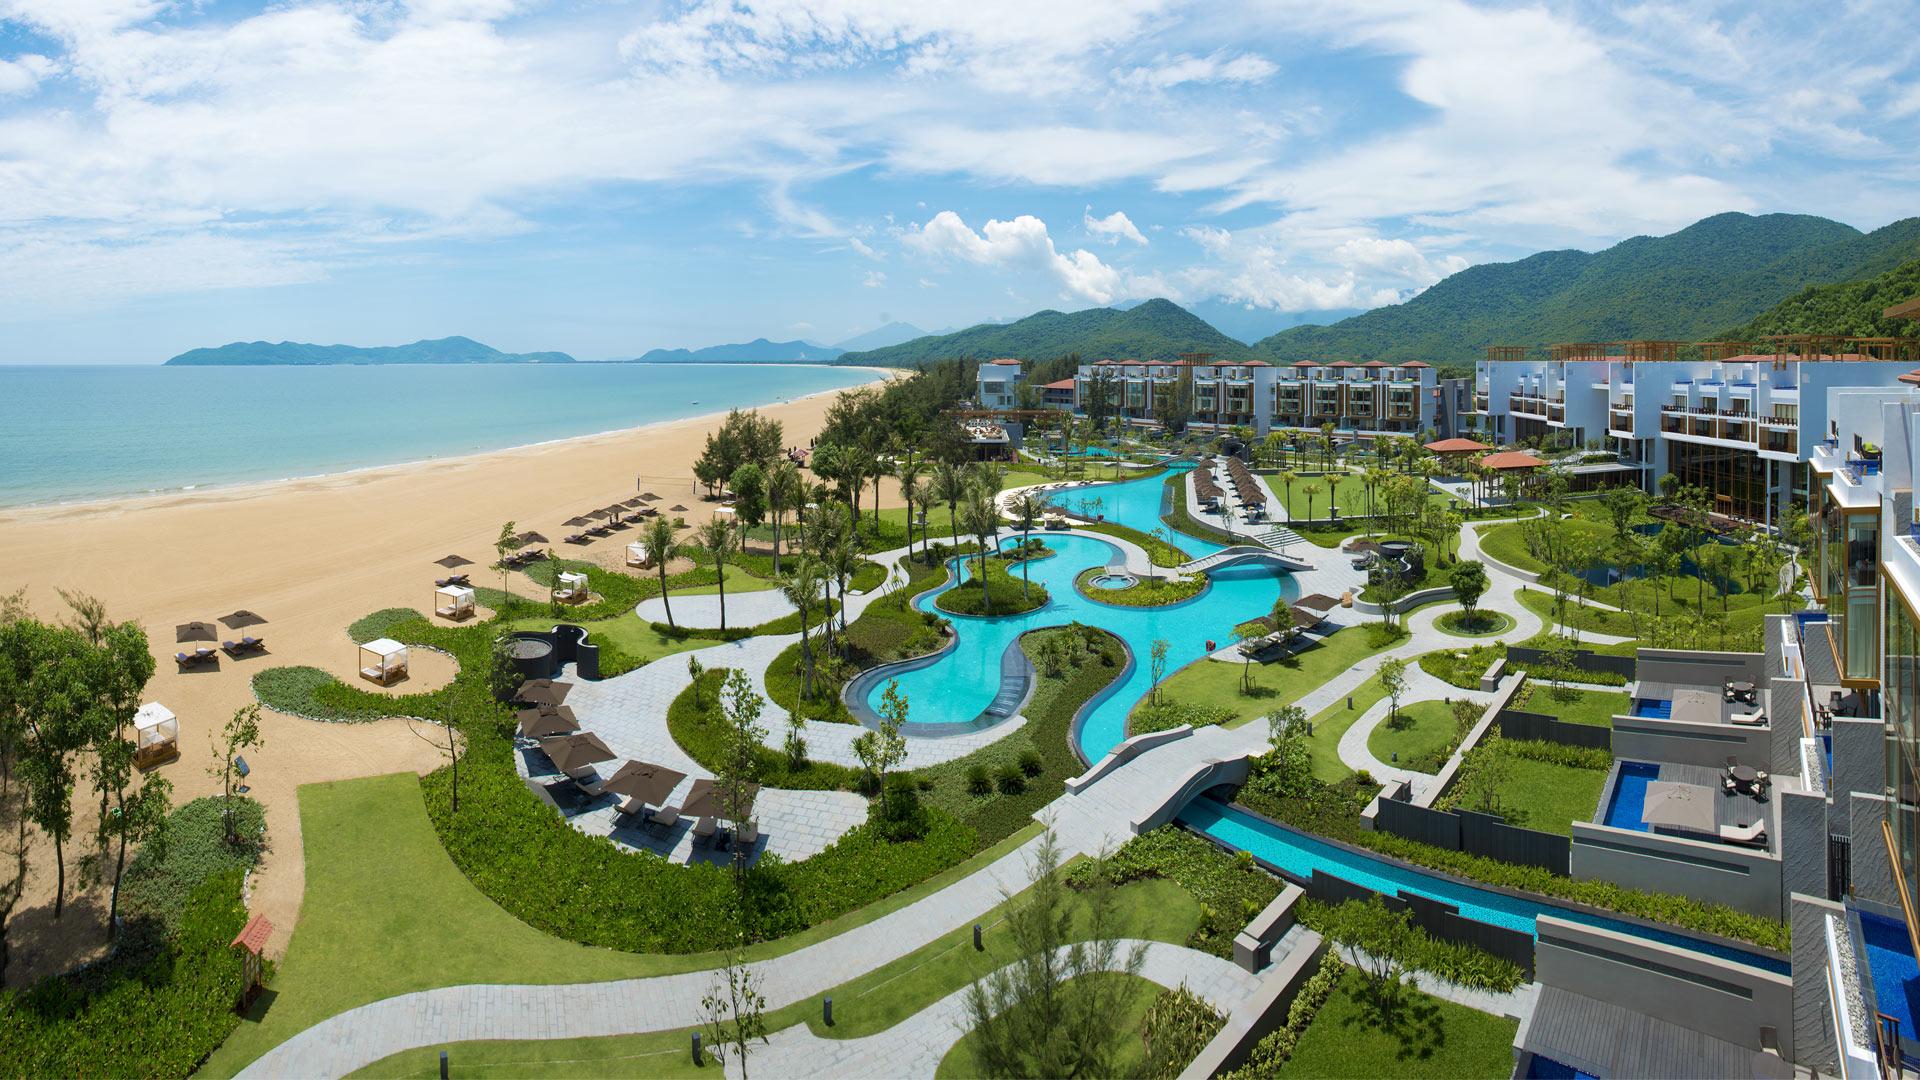 Thủ tướng CSVN sang Singapore cấp phép cho Banyan Tree xây casino ở Huế